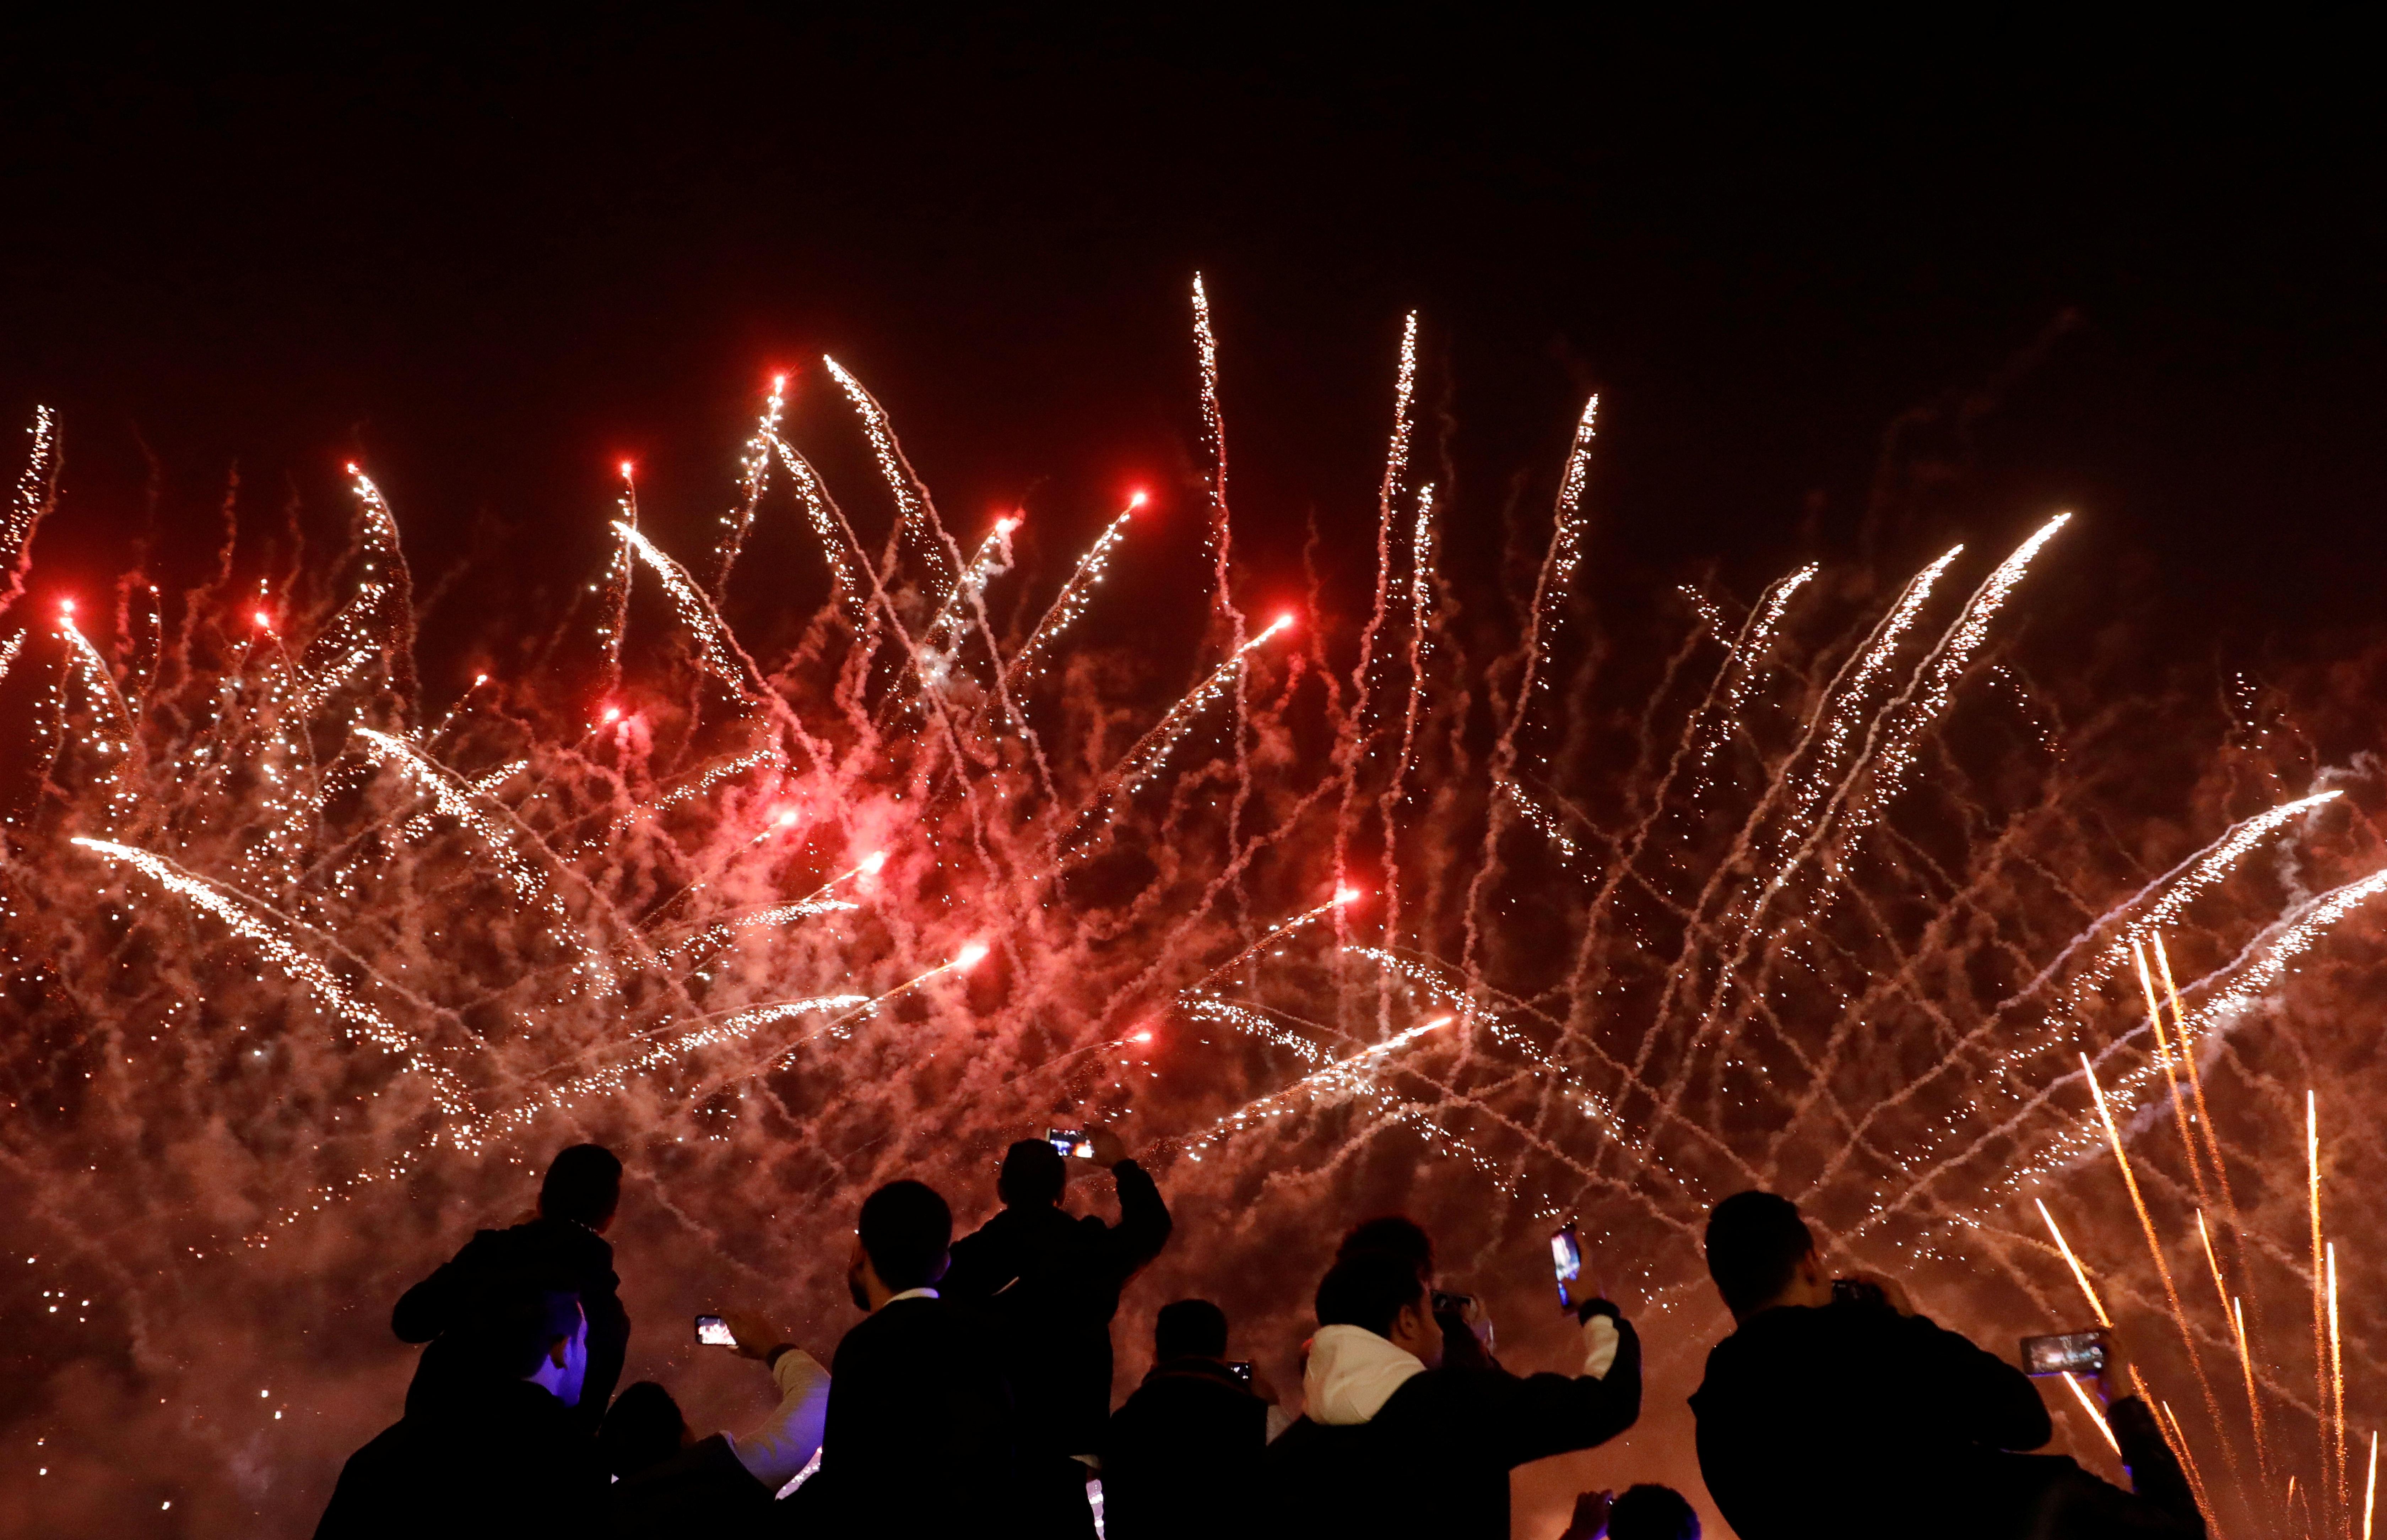 La gente graba fuegos artificiales en teléfonos móviles durante las celebraciones de Año Nuevo en el Canal de El Cairo, Egipto, el 1 de enero de 2020. (REUTERS / Amr Abdallah Dalsh)